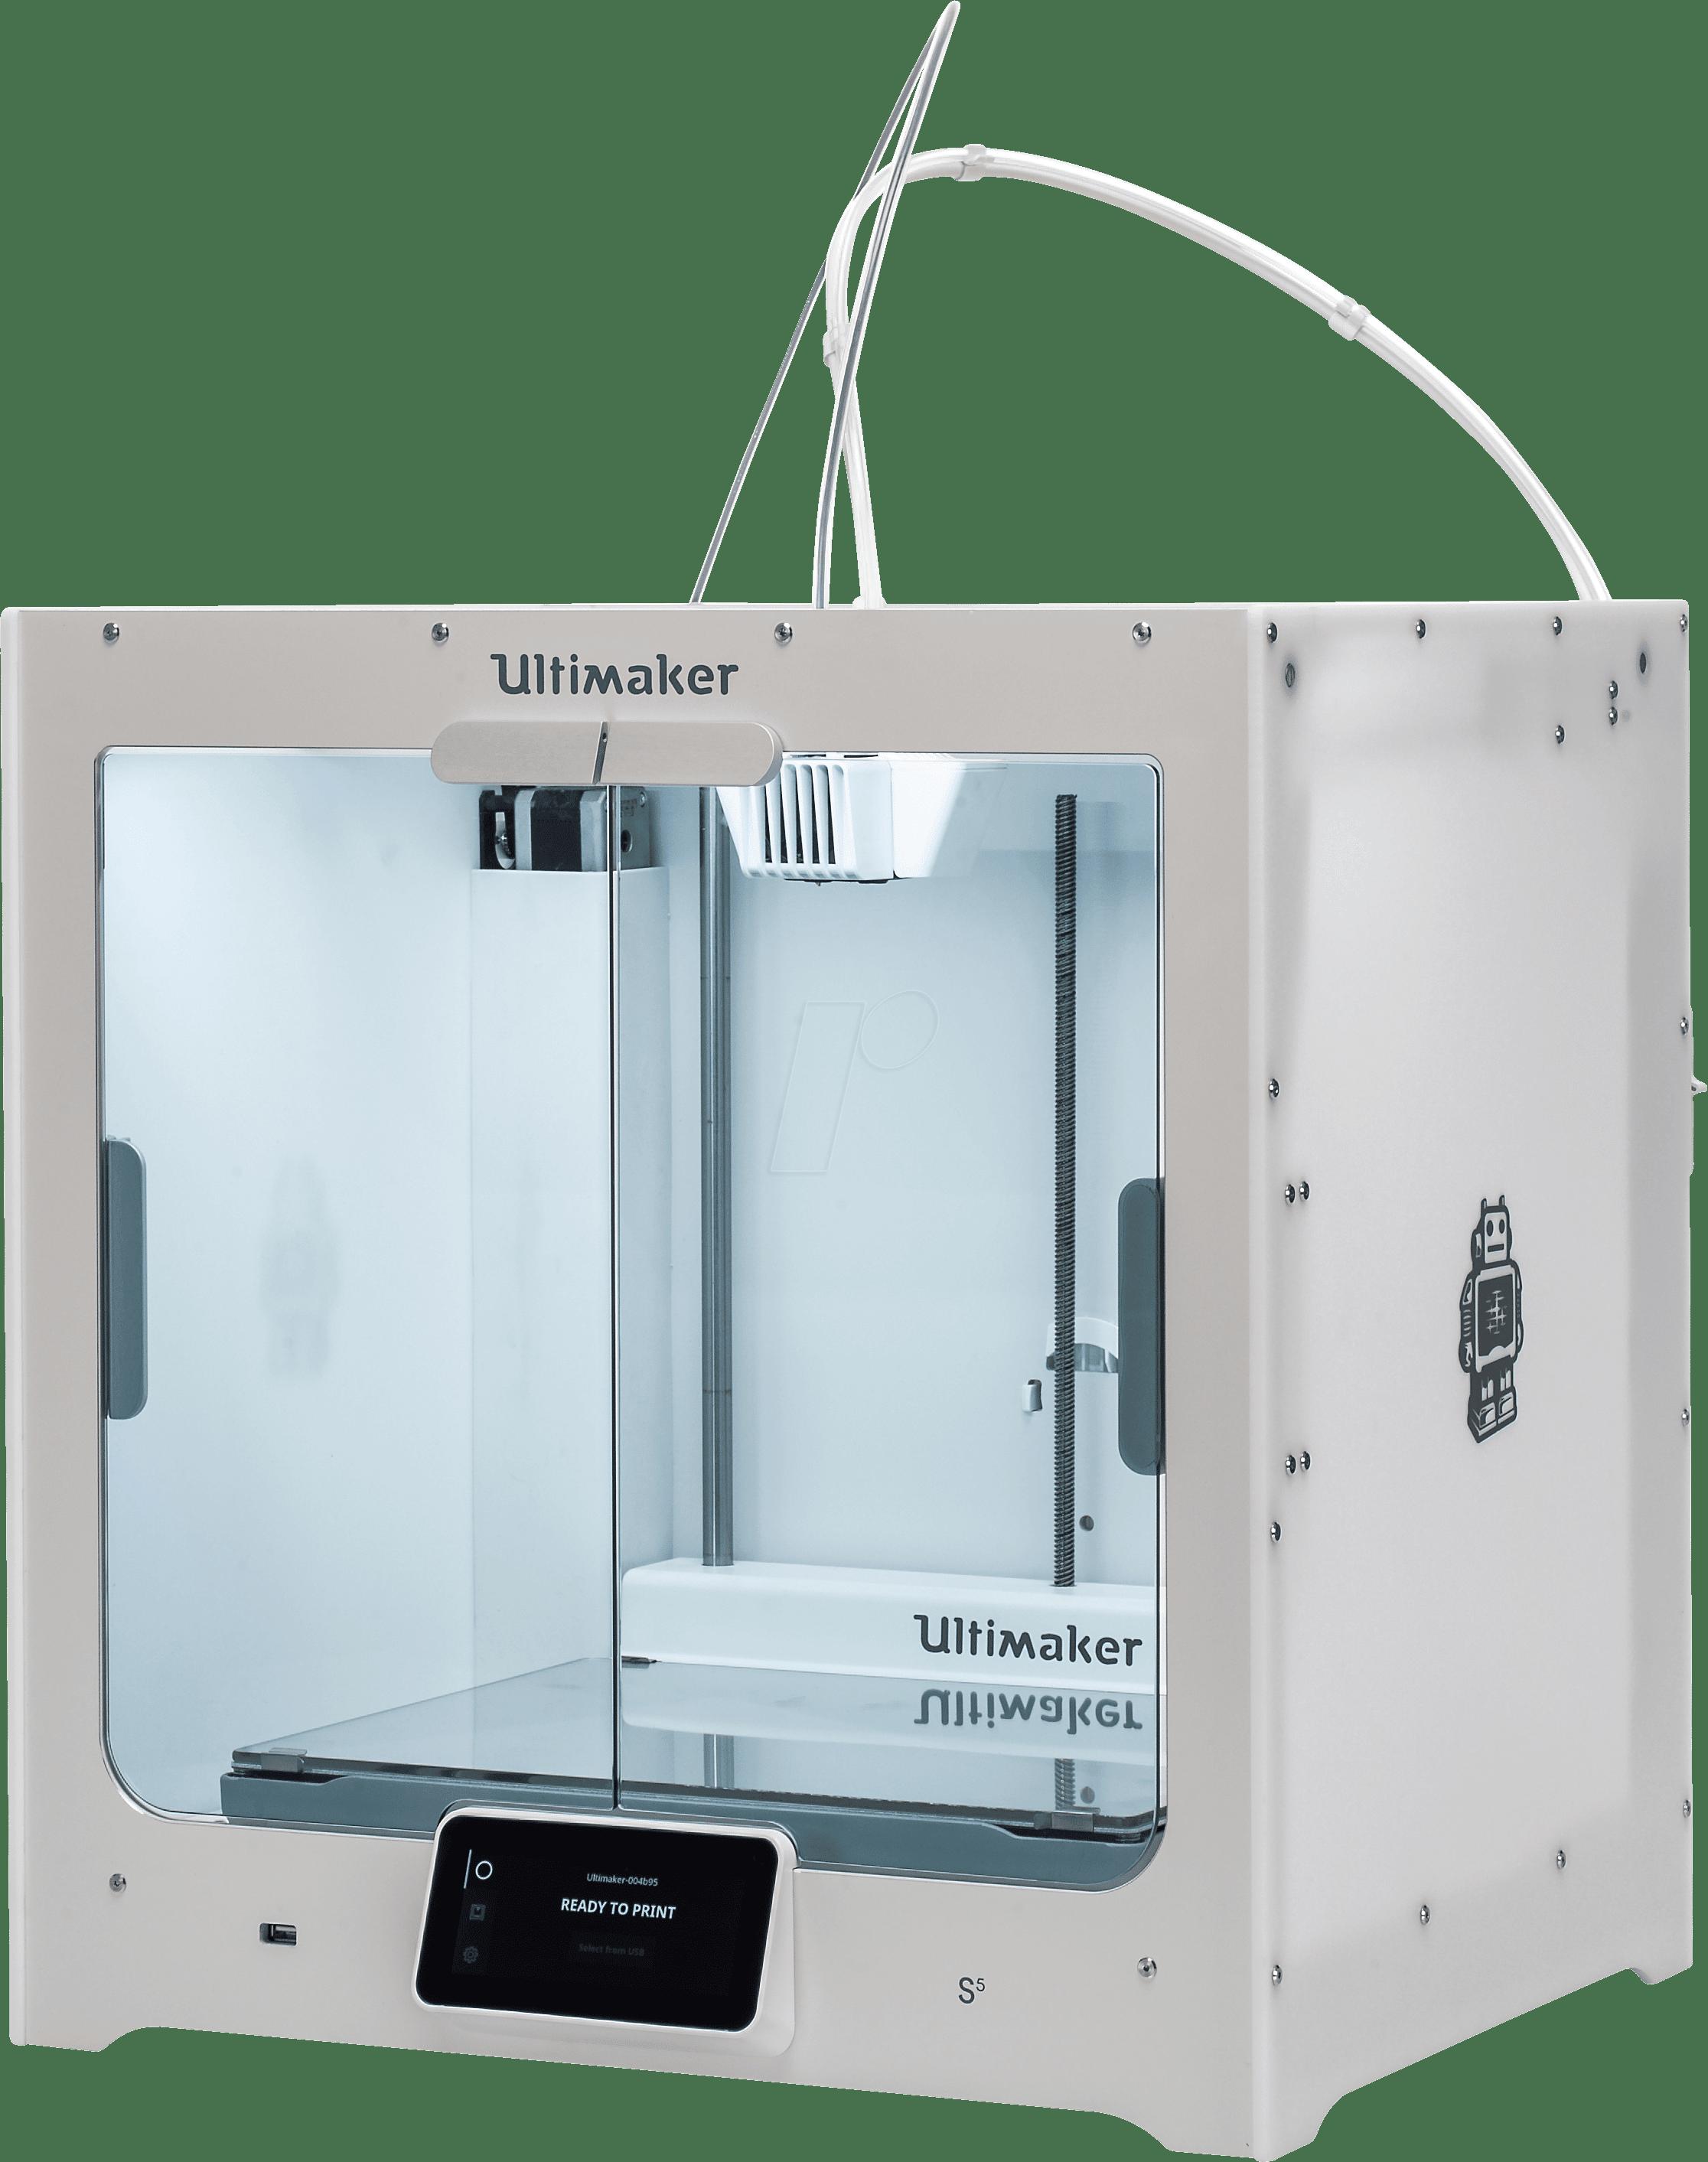 Ultimaker S5 3D printer, een voorbeeld van een veel gebruikte FDM 3D printer waarmee verschillende 3D prints gemaakt kunnen worden.